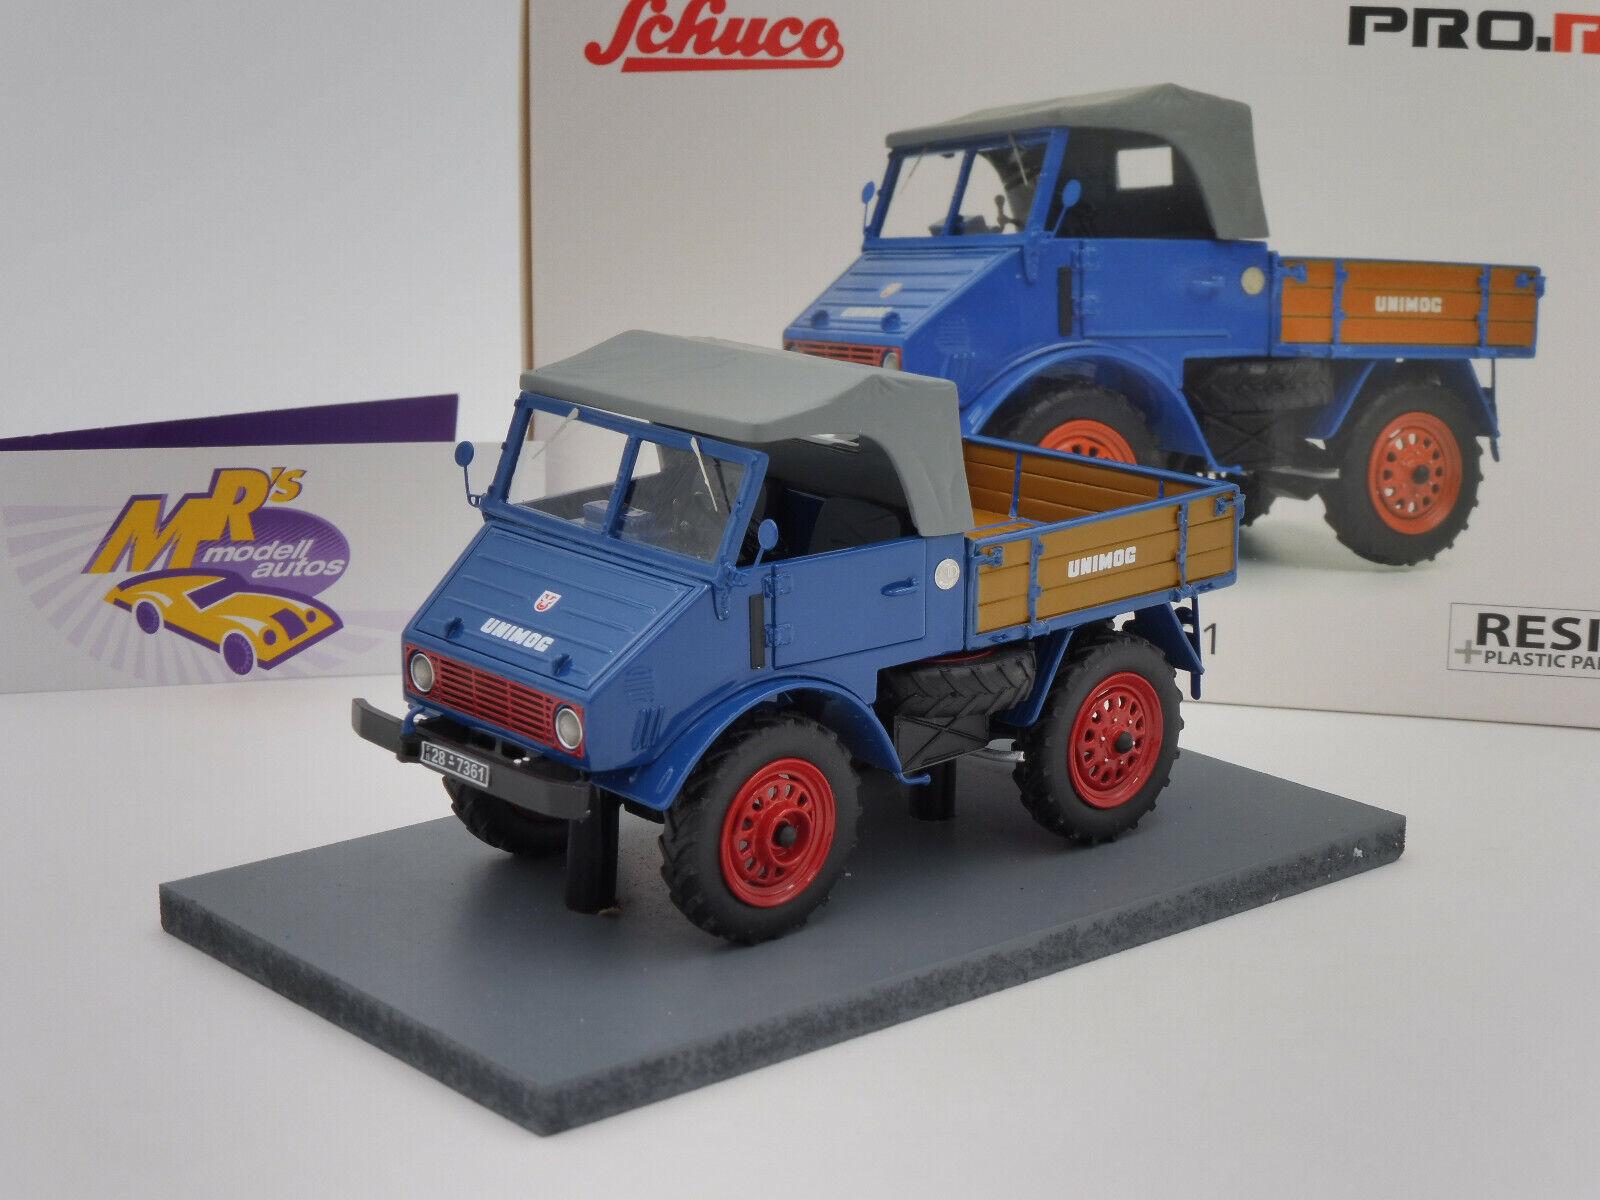 Schuco PRO.R 09003   Unimog 401 Holzpritsche Baujahr 1953 in   blau   1 32 NEU